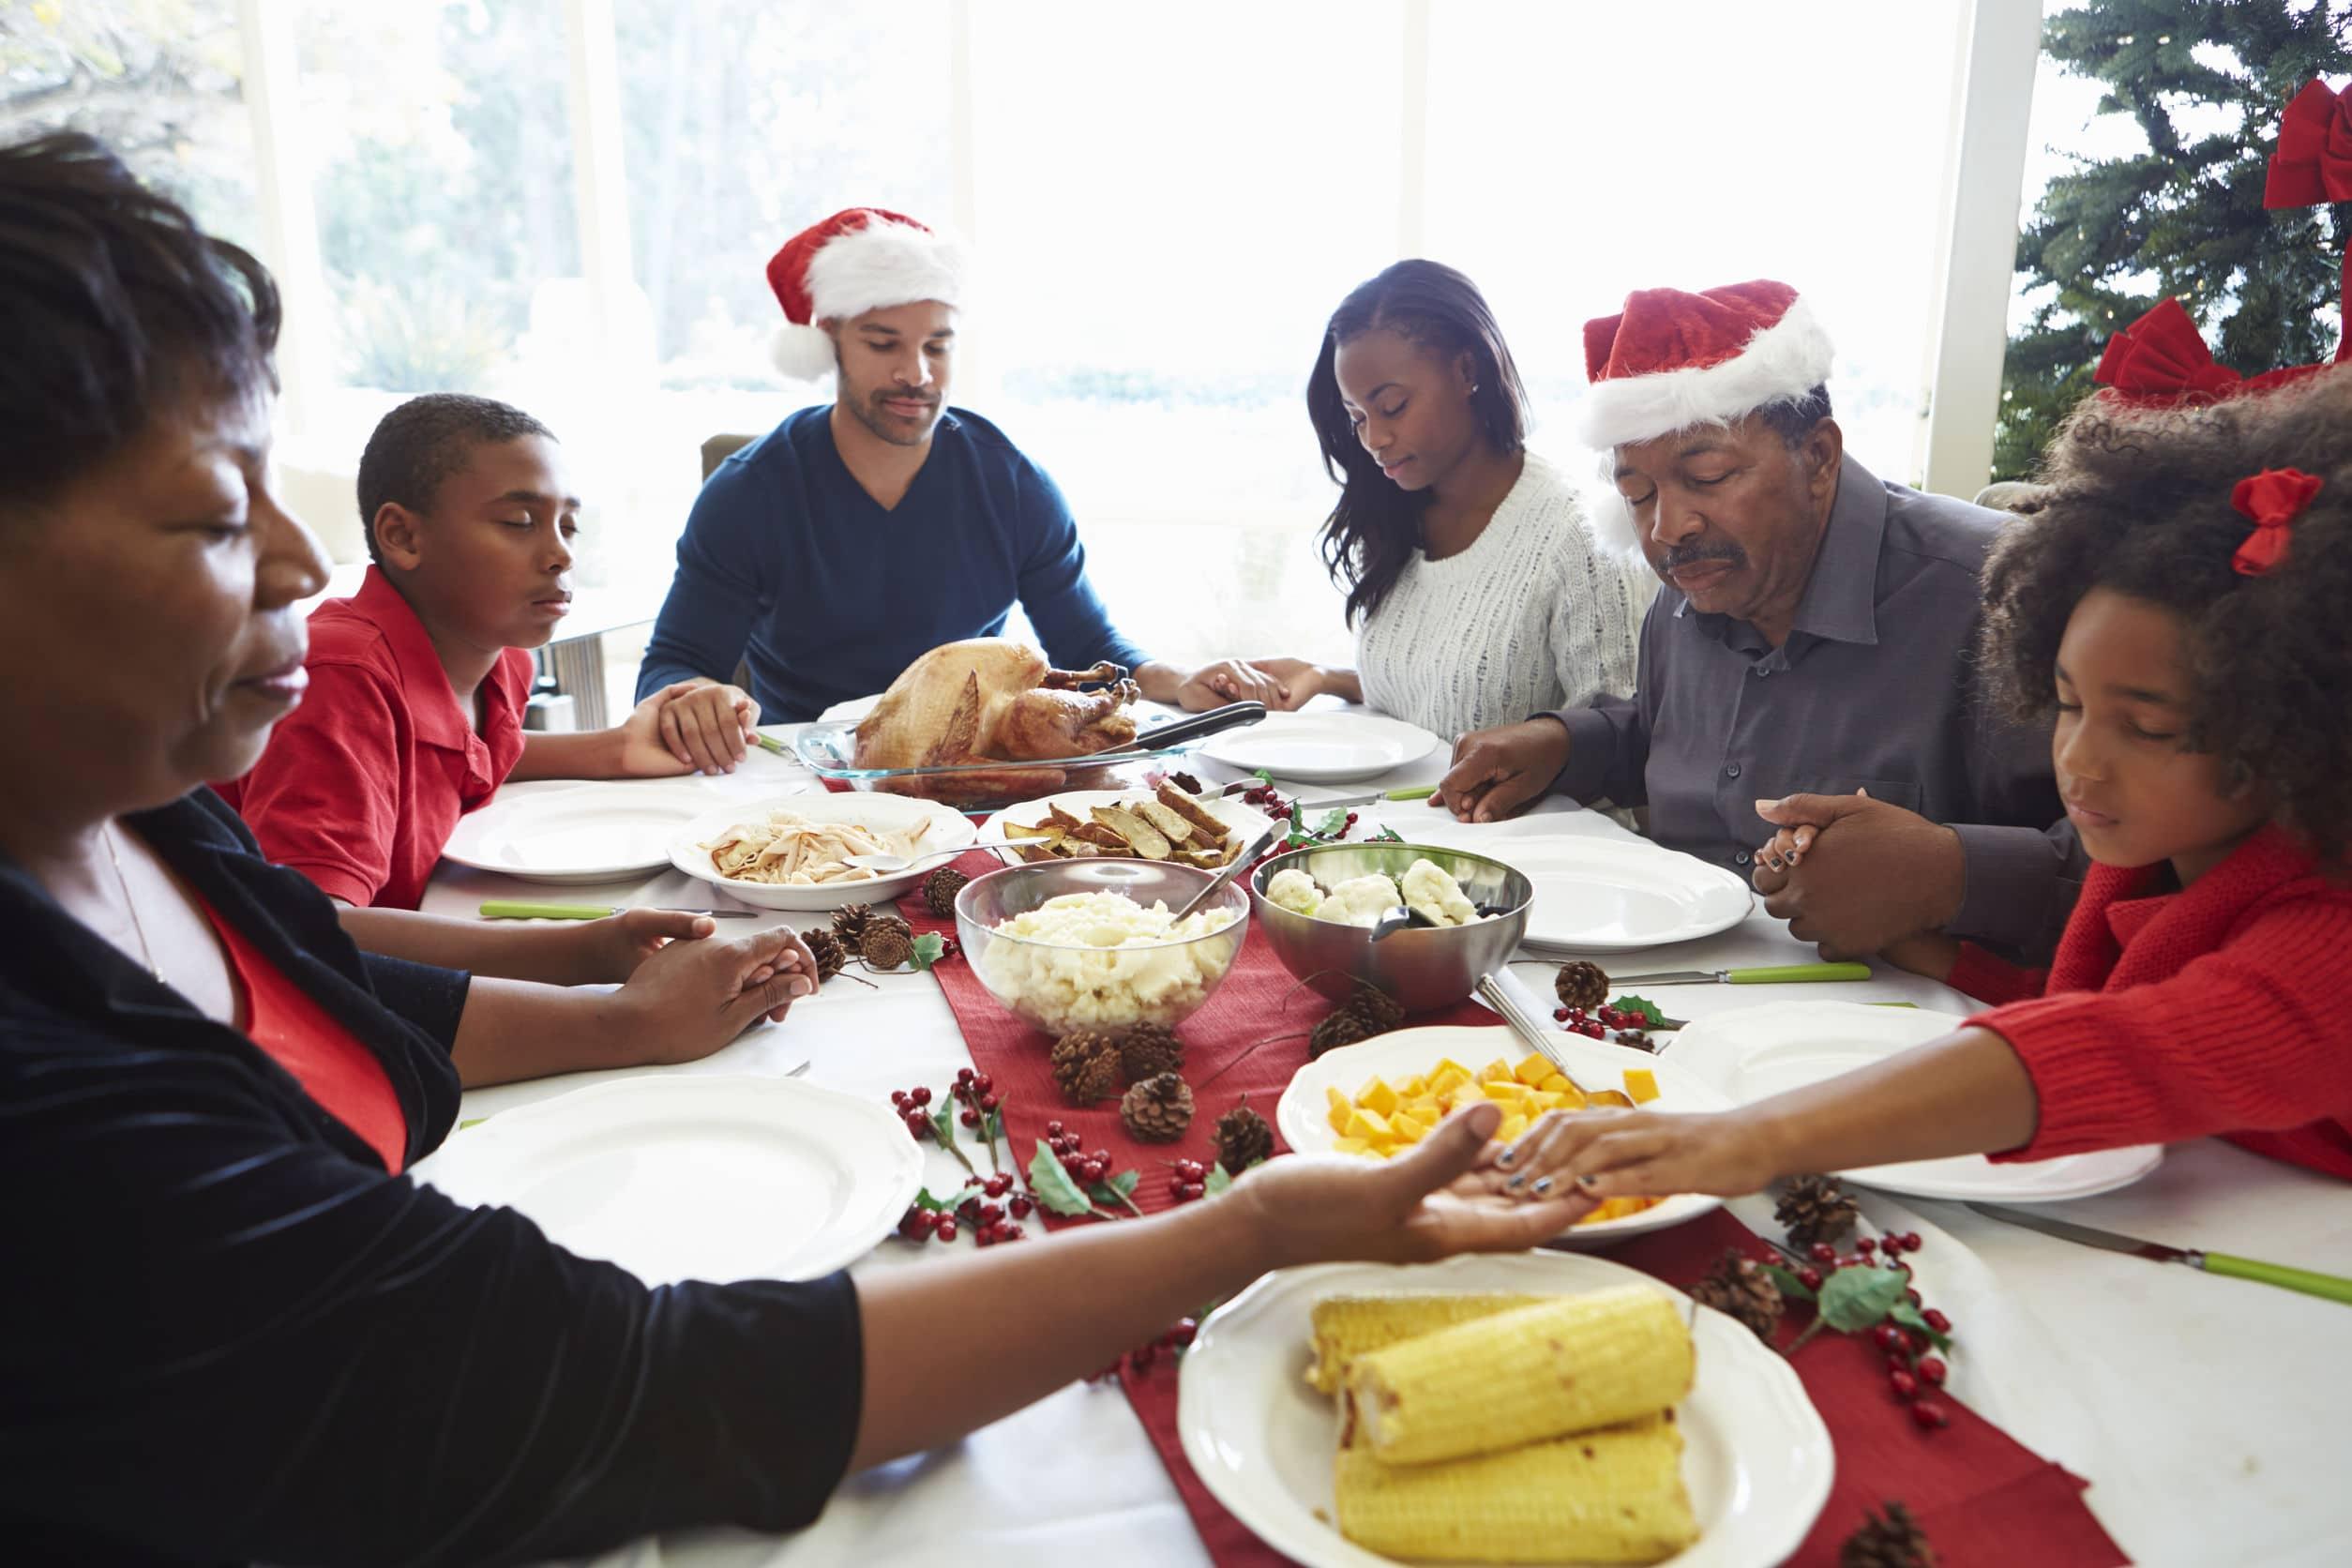 Várias gerações de uma família sentados à mesa orando antes de comer a ceia do Natal.